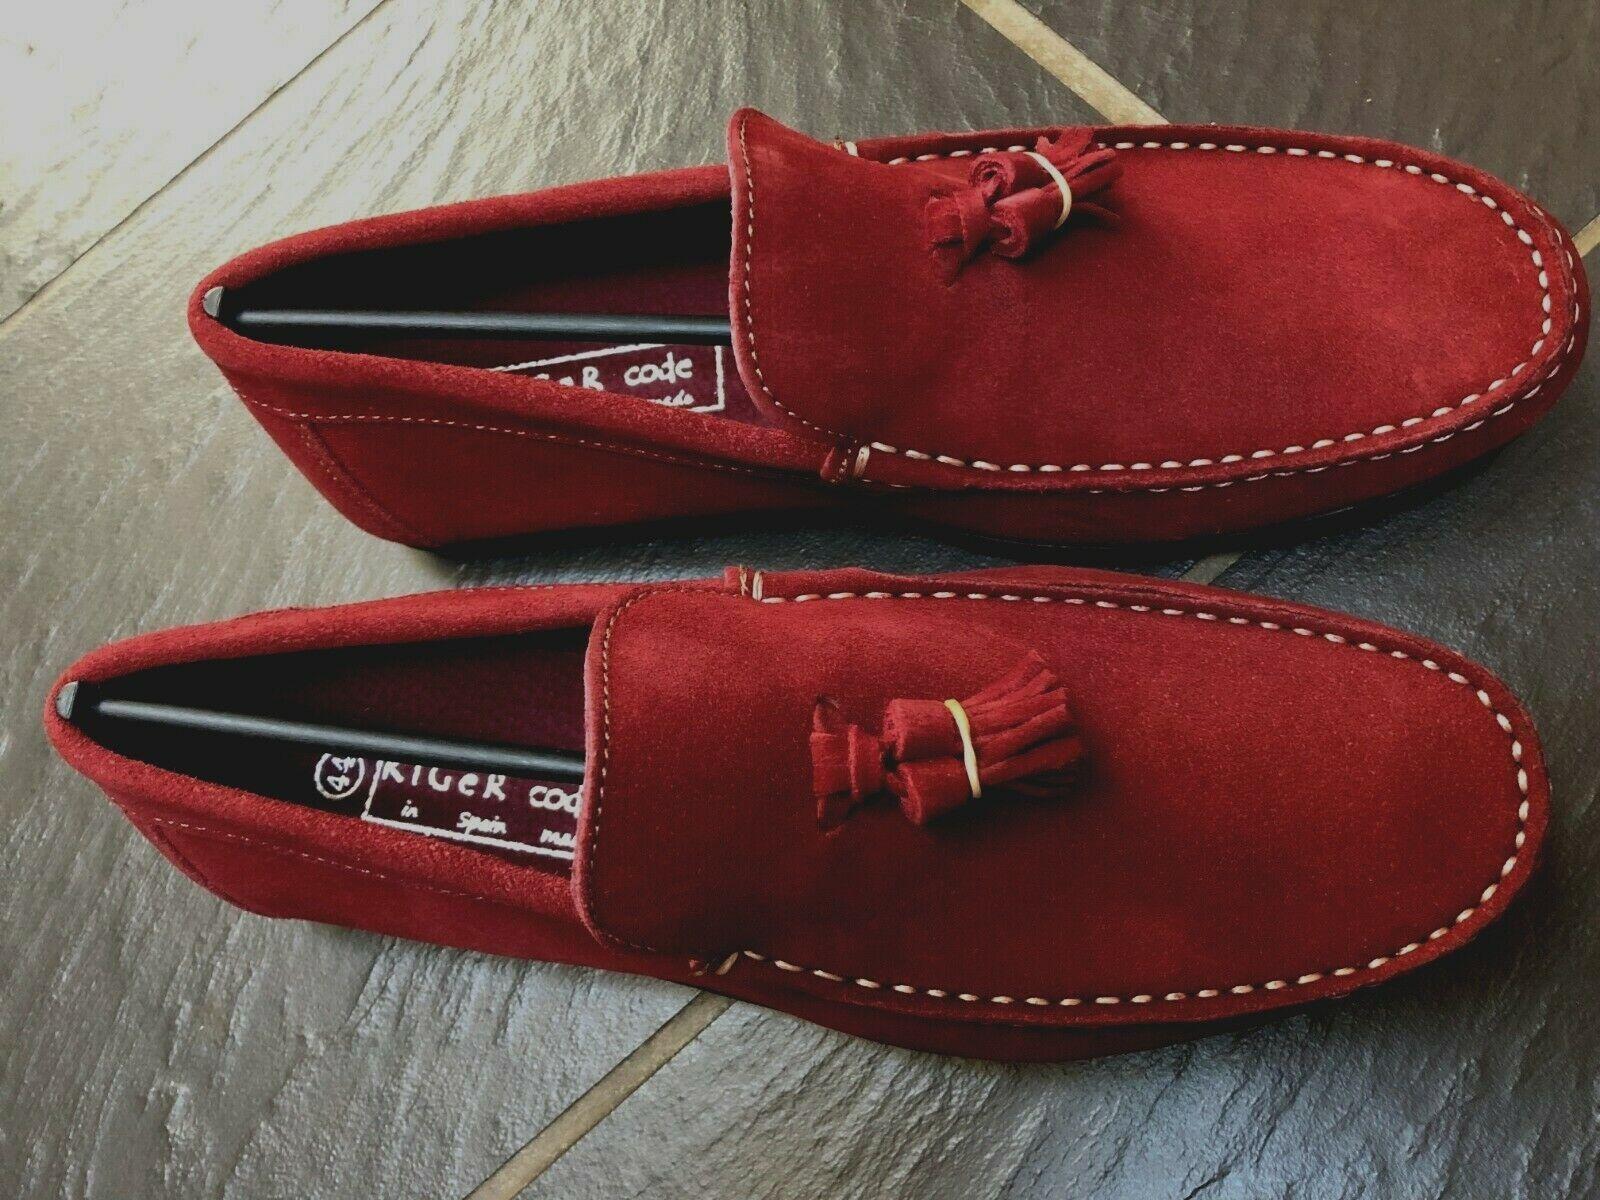 Kiger Code Mens Garnet Red Boat Tassel Suede shoes Size 10 New